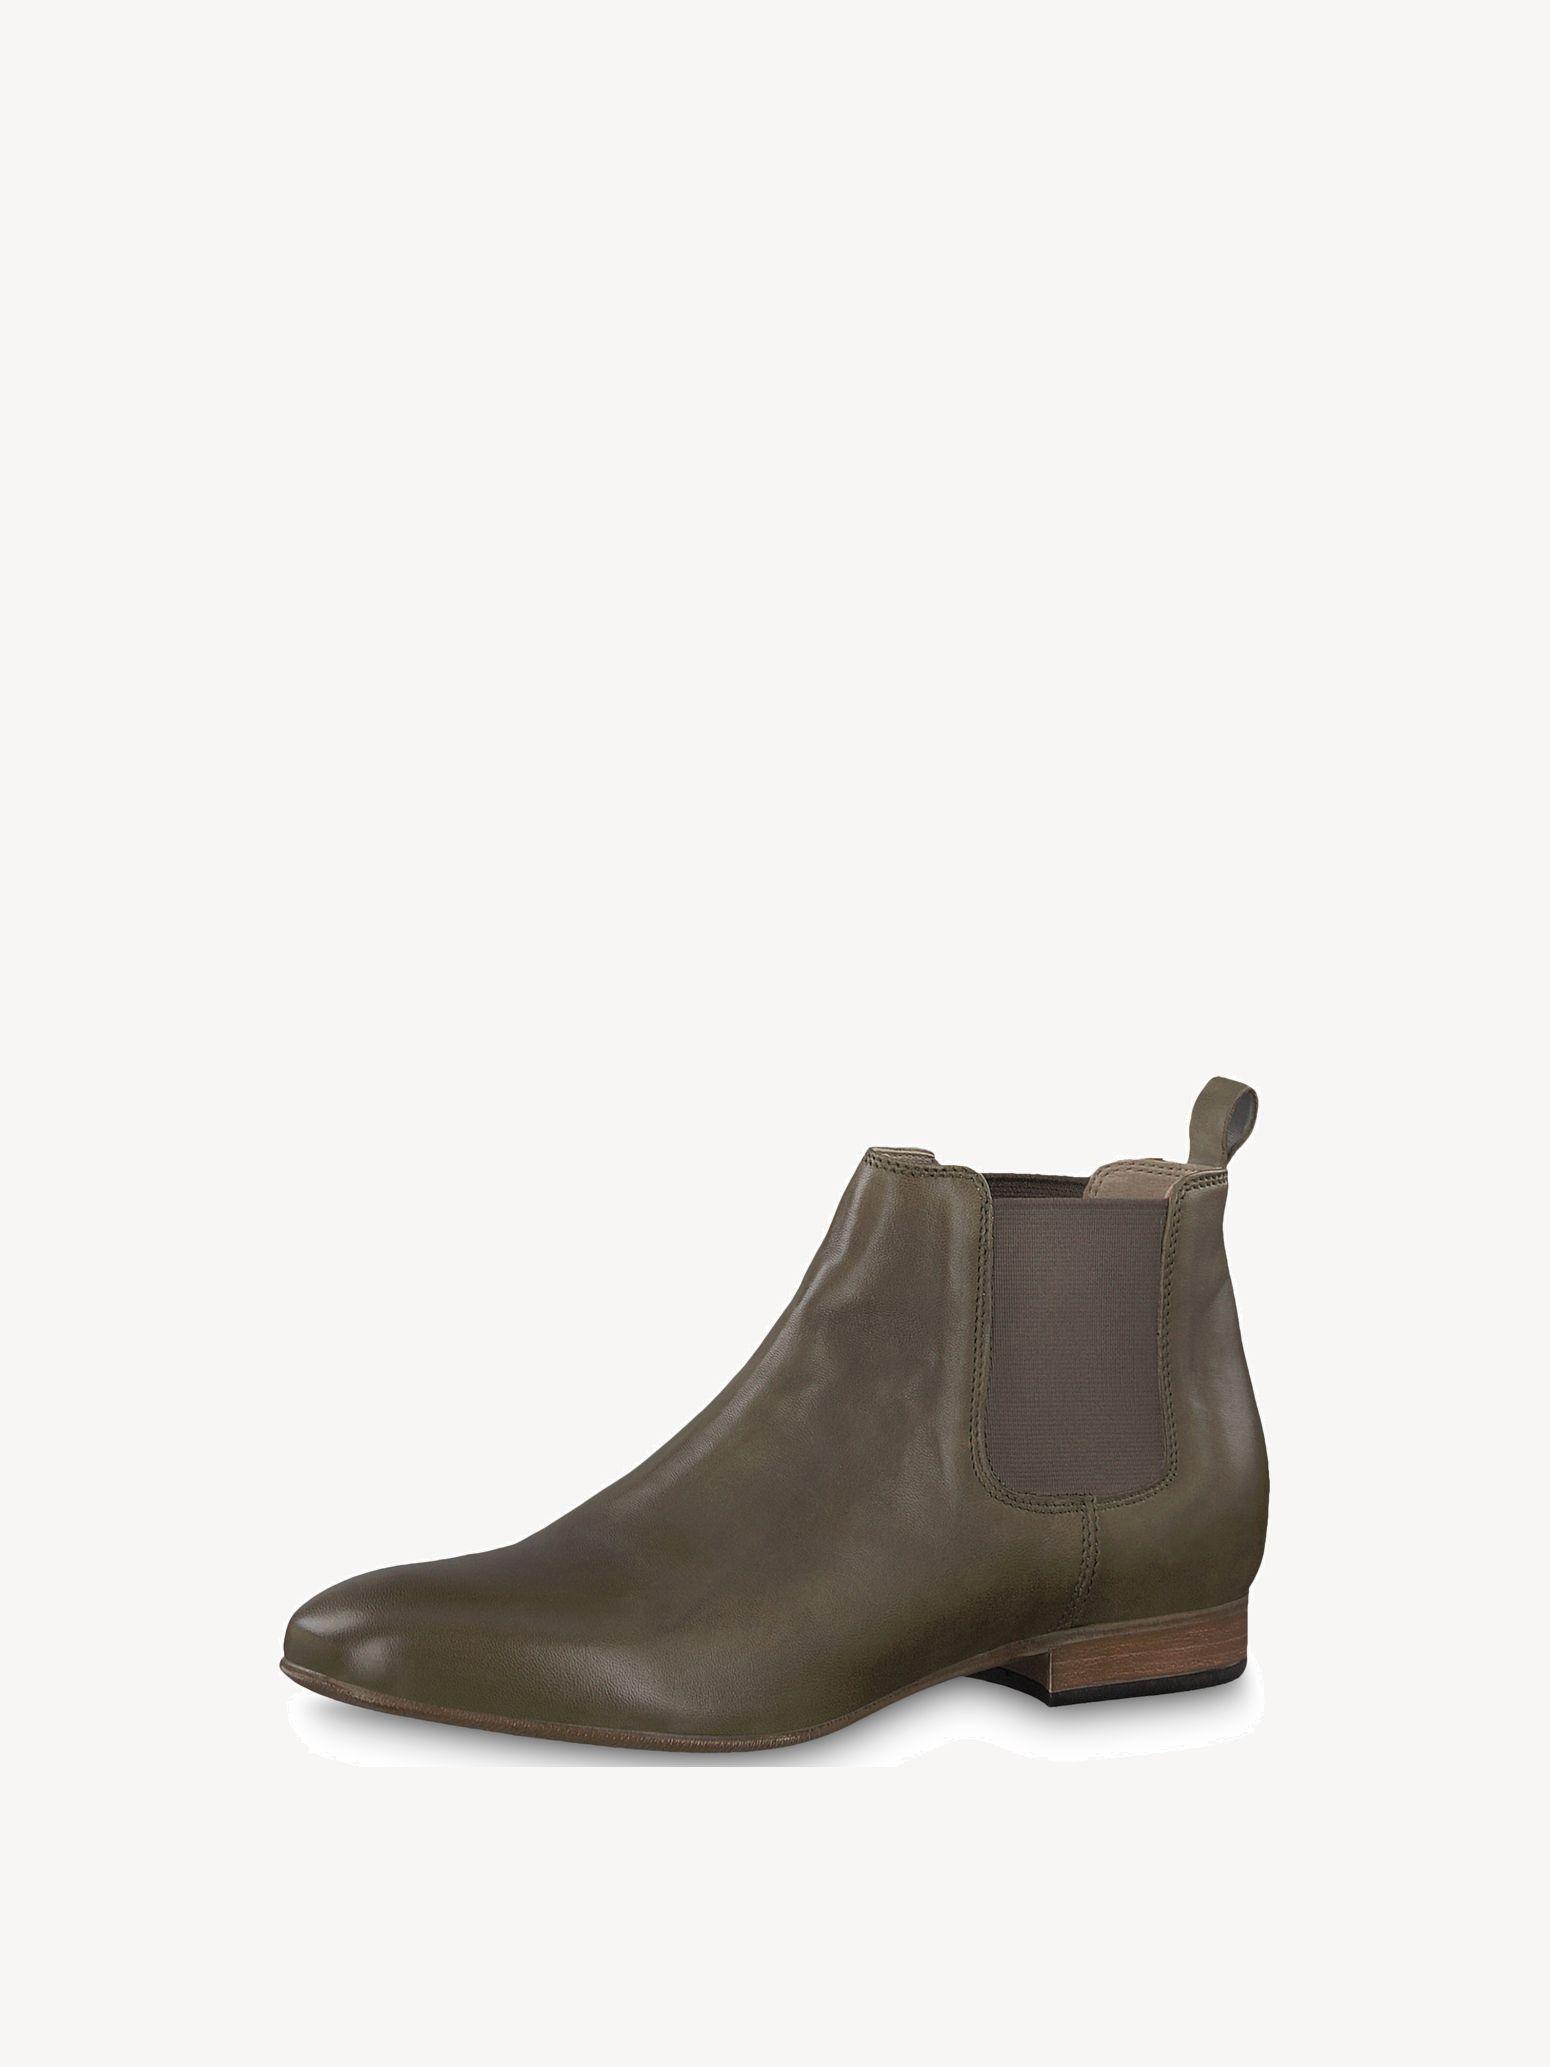 Tamaris 1 1 25323 30 Buy Tamaris Chelsea Boots Online